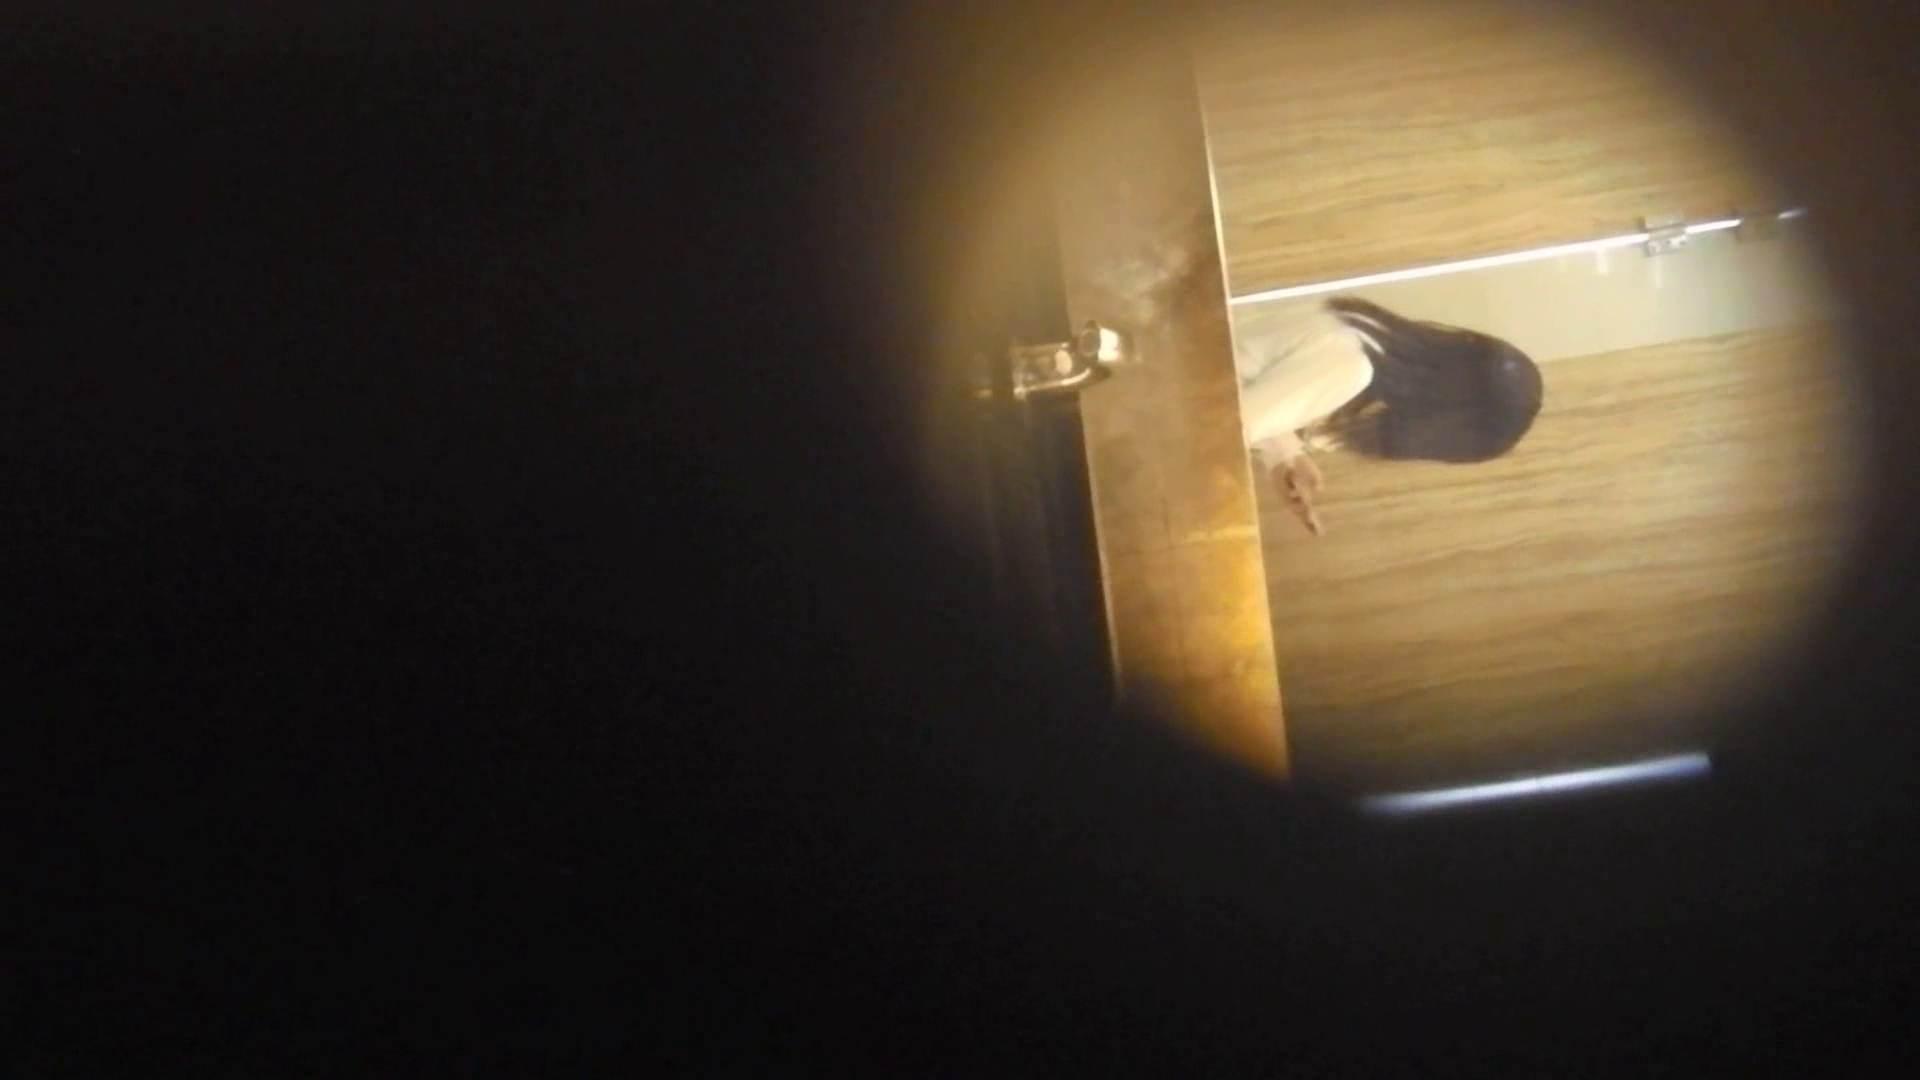 阿国ちゃんの「和式洋式七変化」No.18 iBO(フタコブ) 和式 | 洗面所  99pic 41